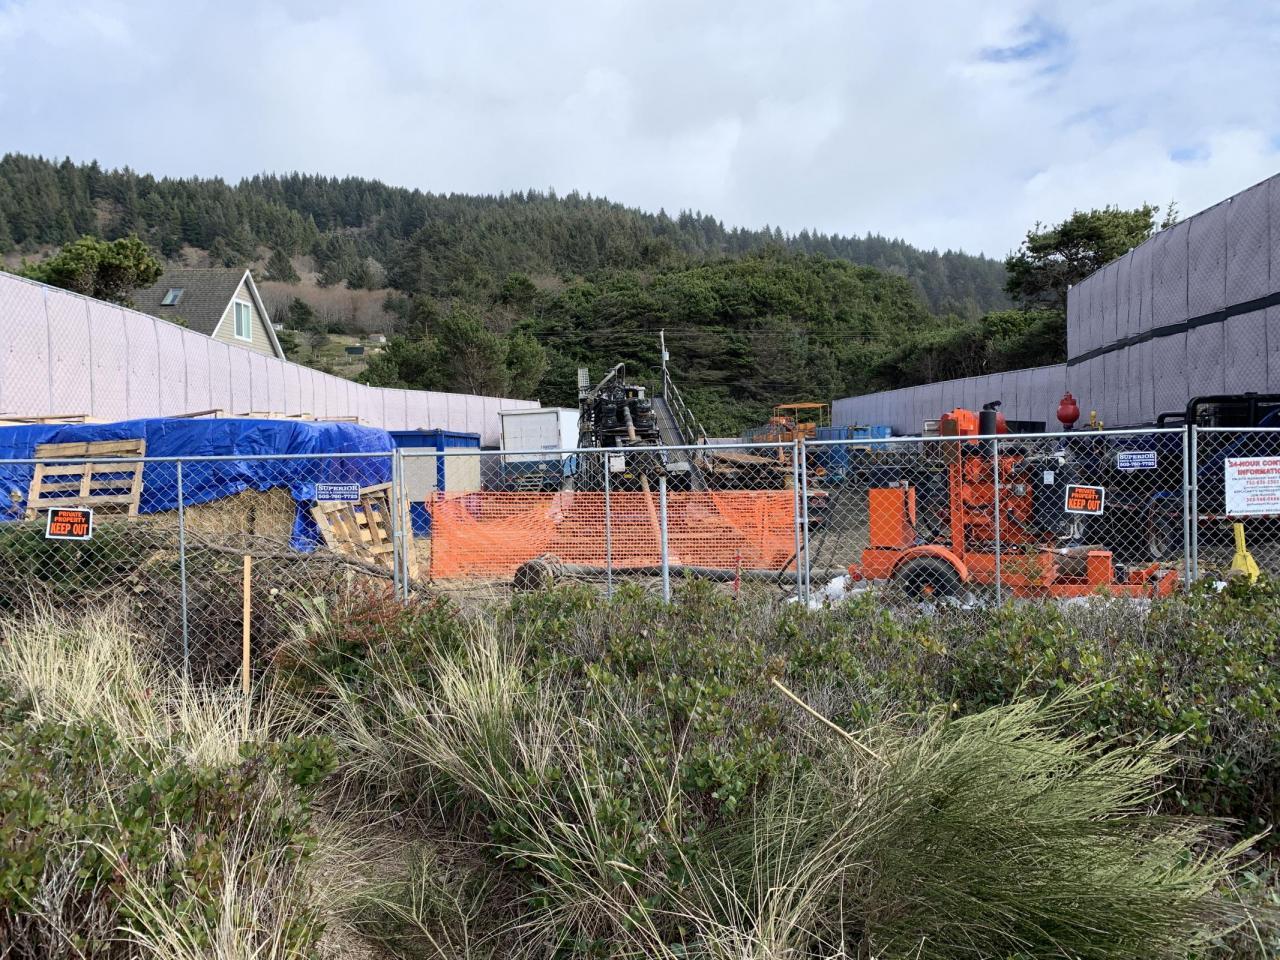 Facebook drilling project, Tierra del Mar Oregon 3/13/20